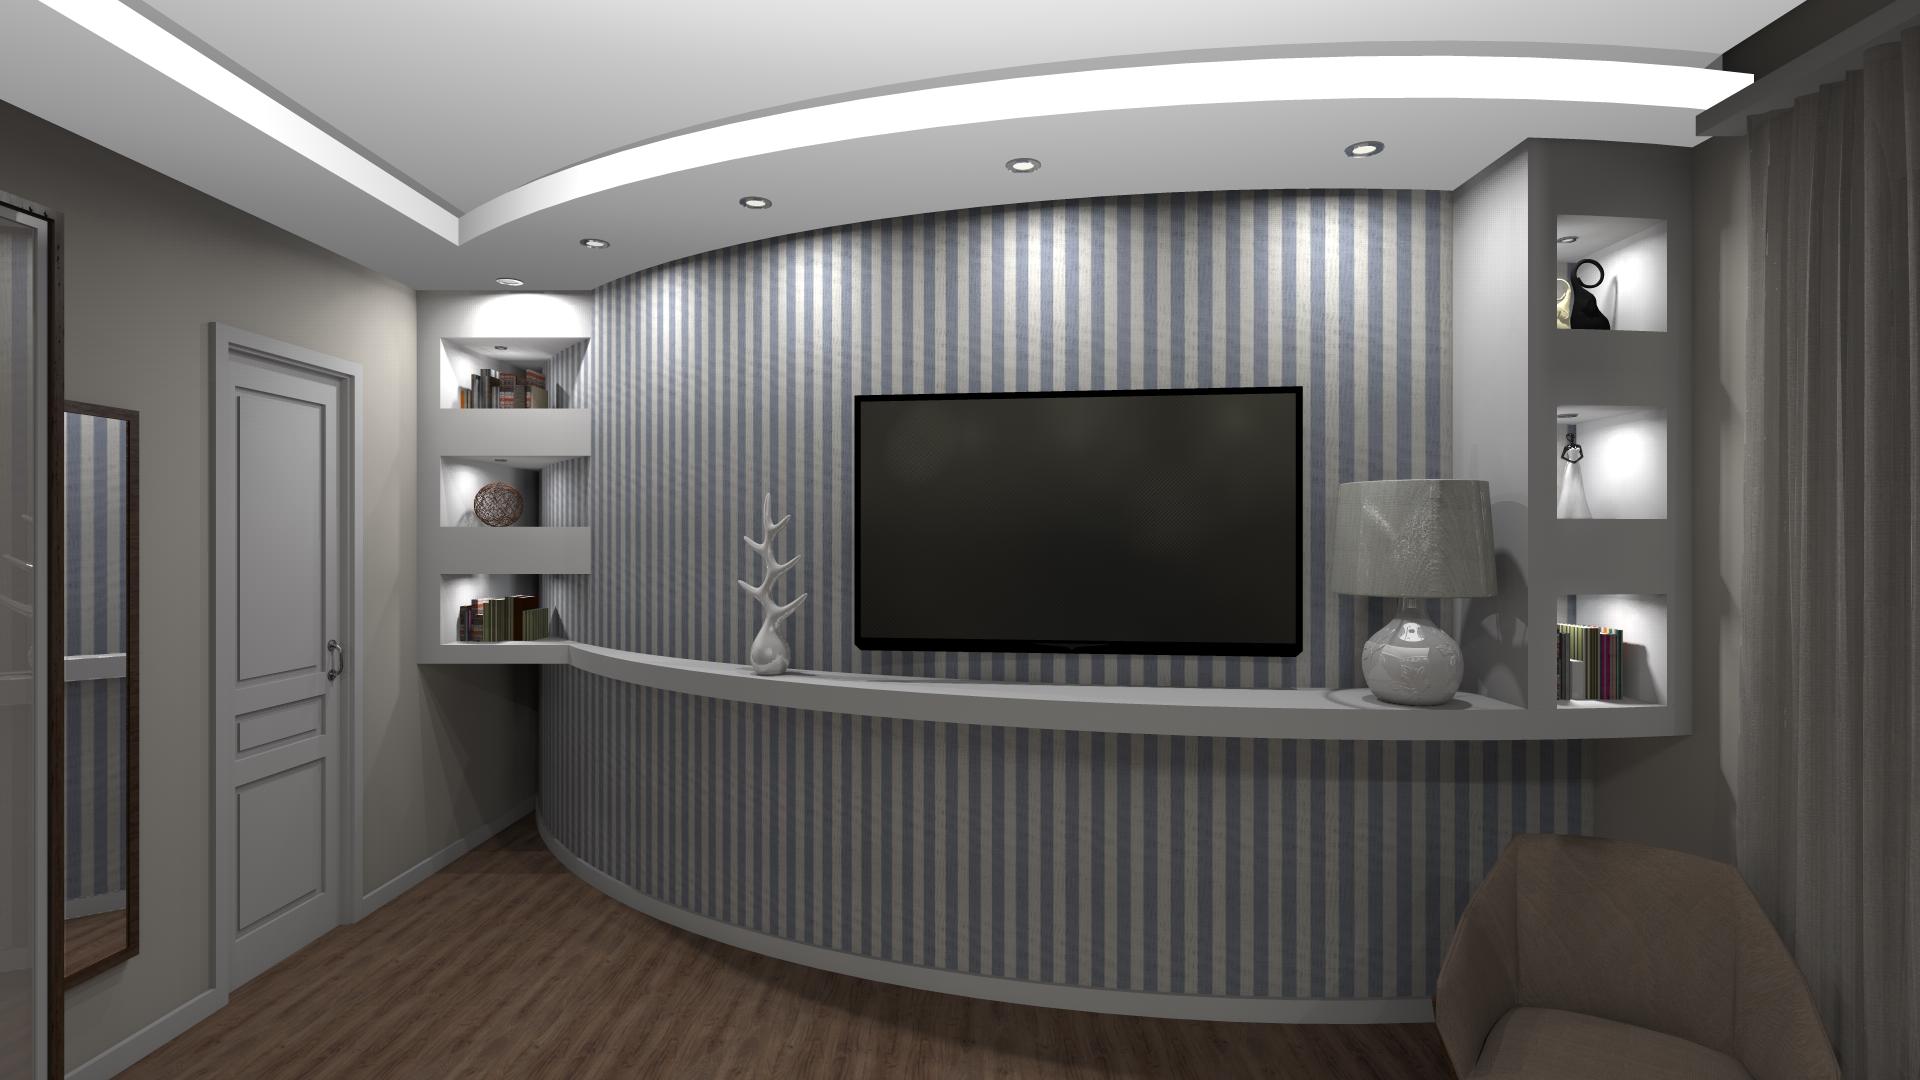 Progetto appartamento 70 mq for Immagini appartamenti moderni